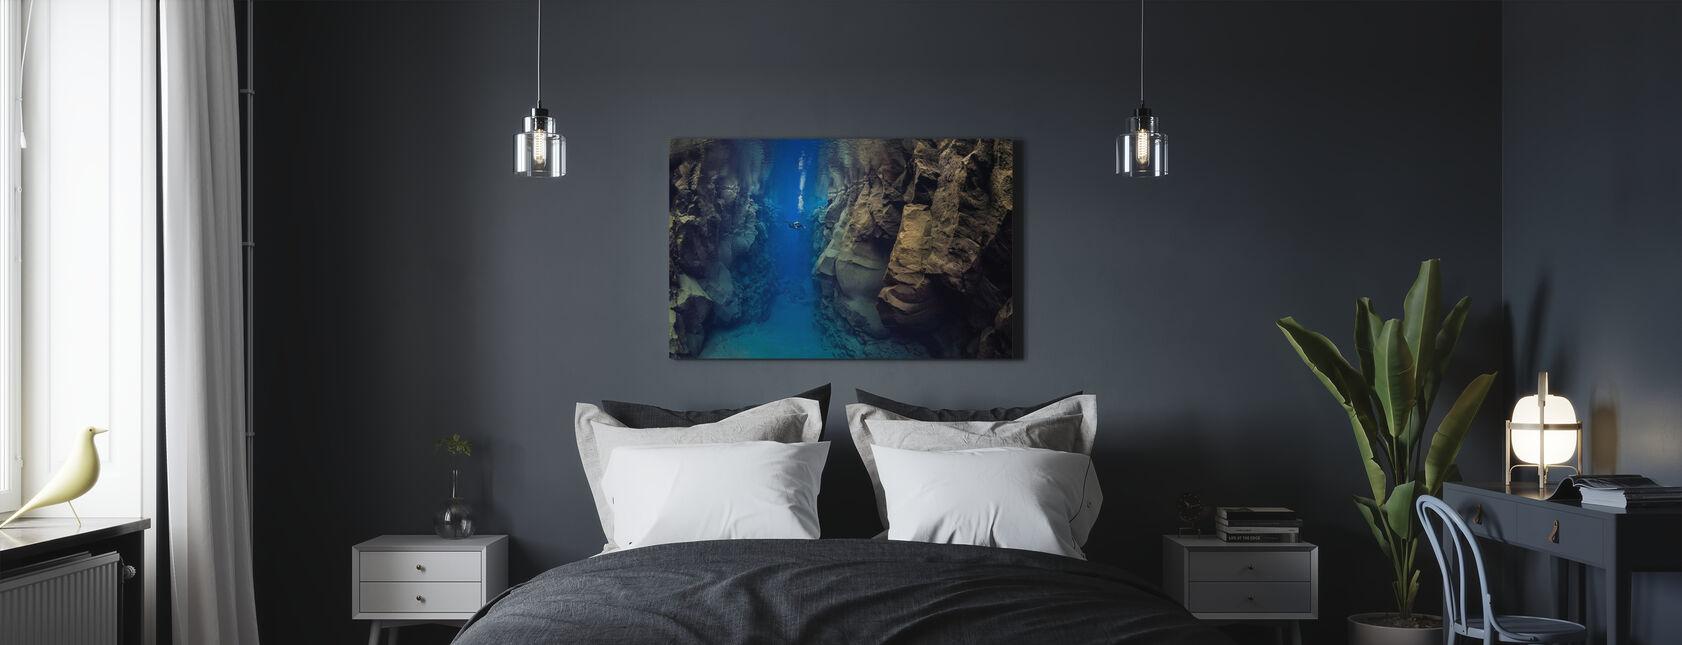 Sukeltaja mannerlaattojen välissä - Canvastaulu - Makuuhuone